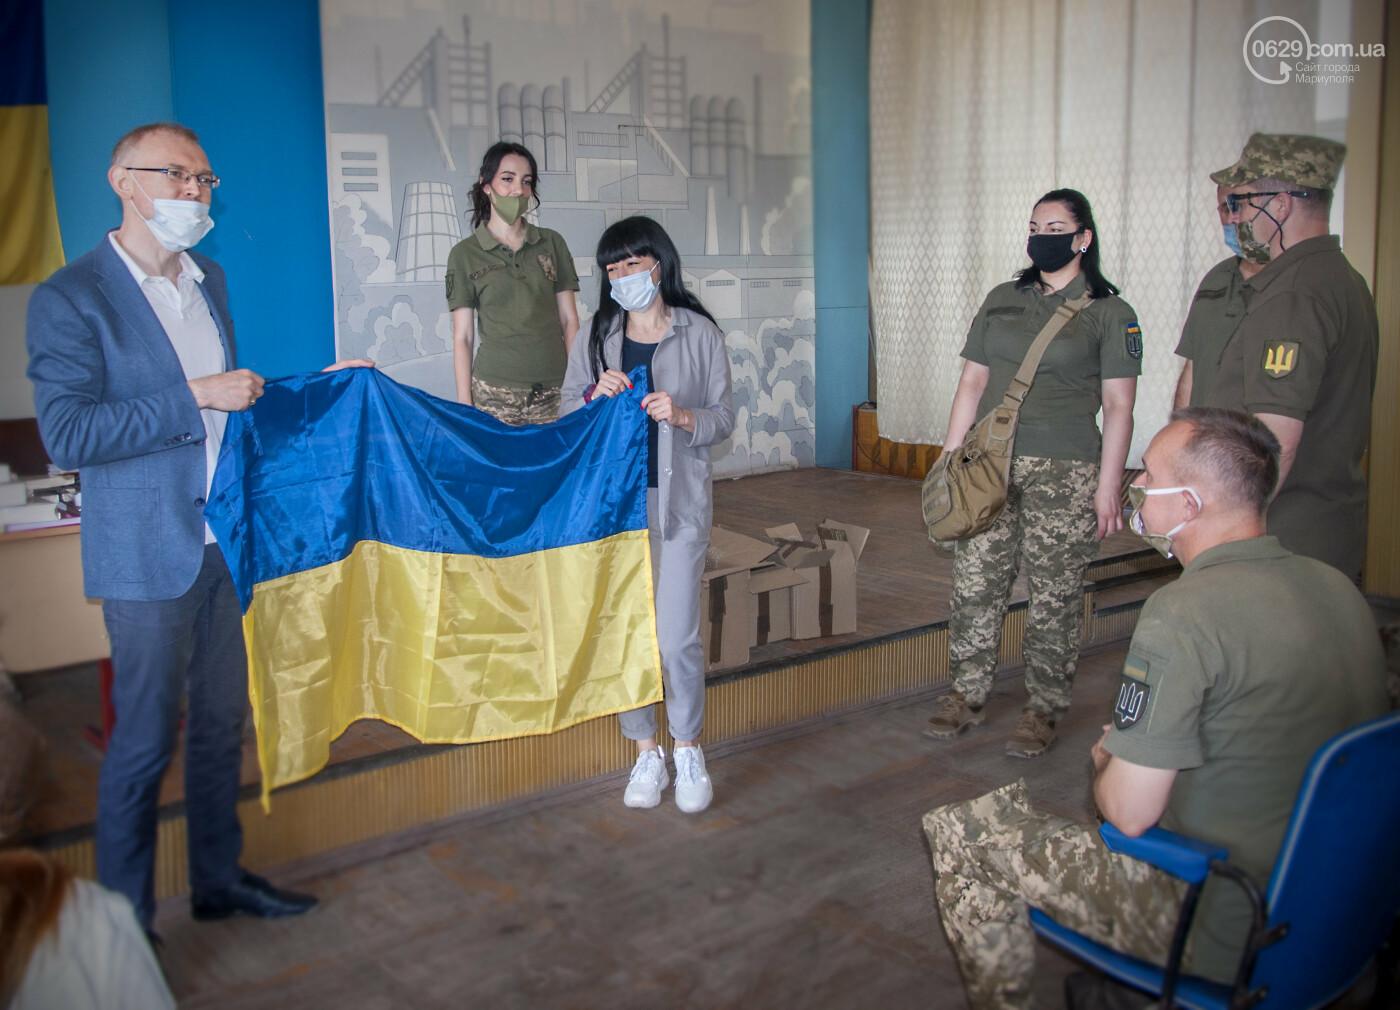 Библиотека Для Героев: Yakaboo передала украинским военным в Мариуполе 400 книг, - ФОТО, фото-4